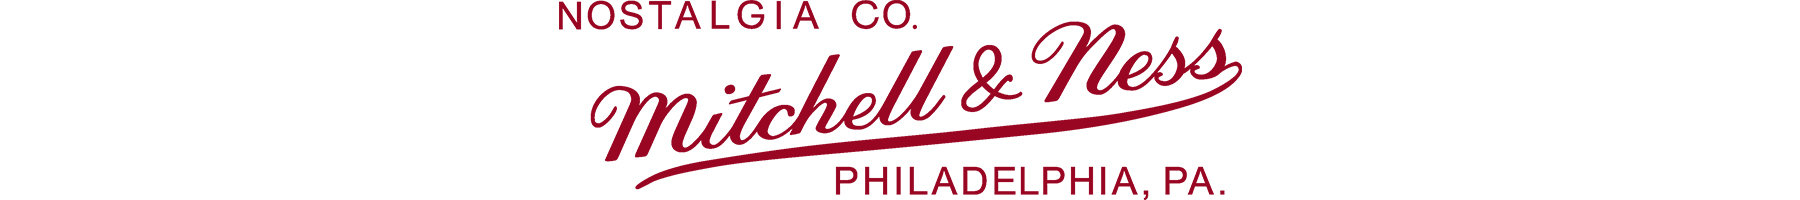 DrJays.com - Mitchell & Ness